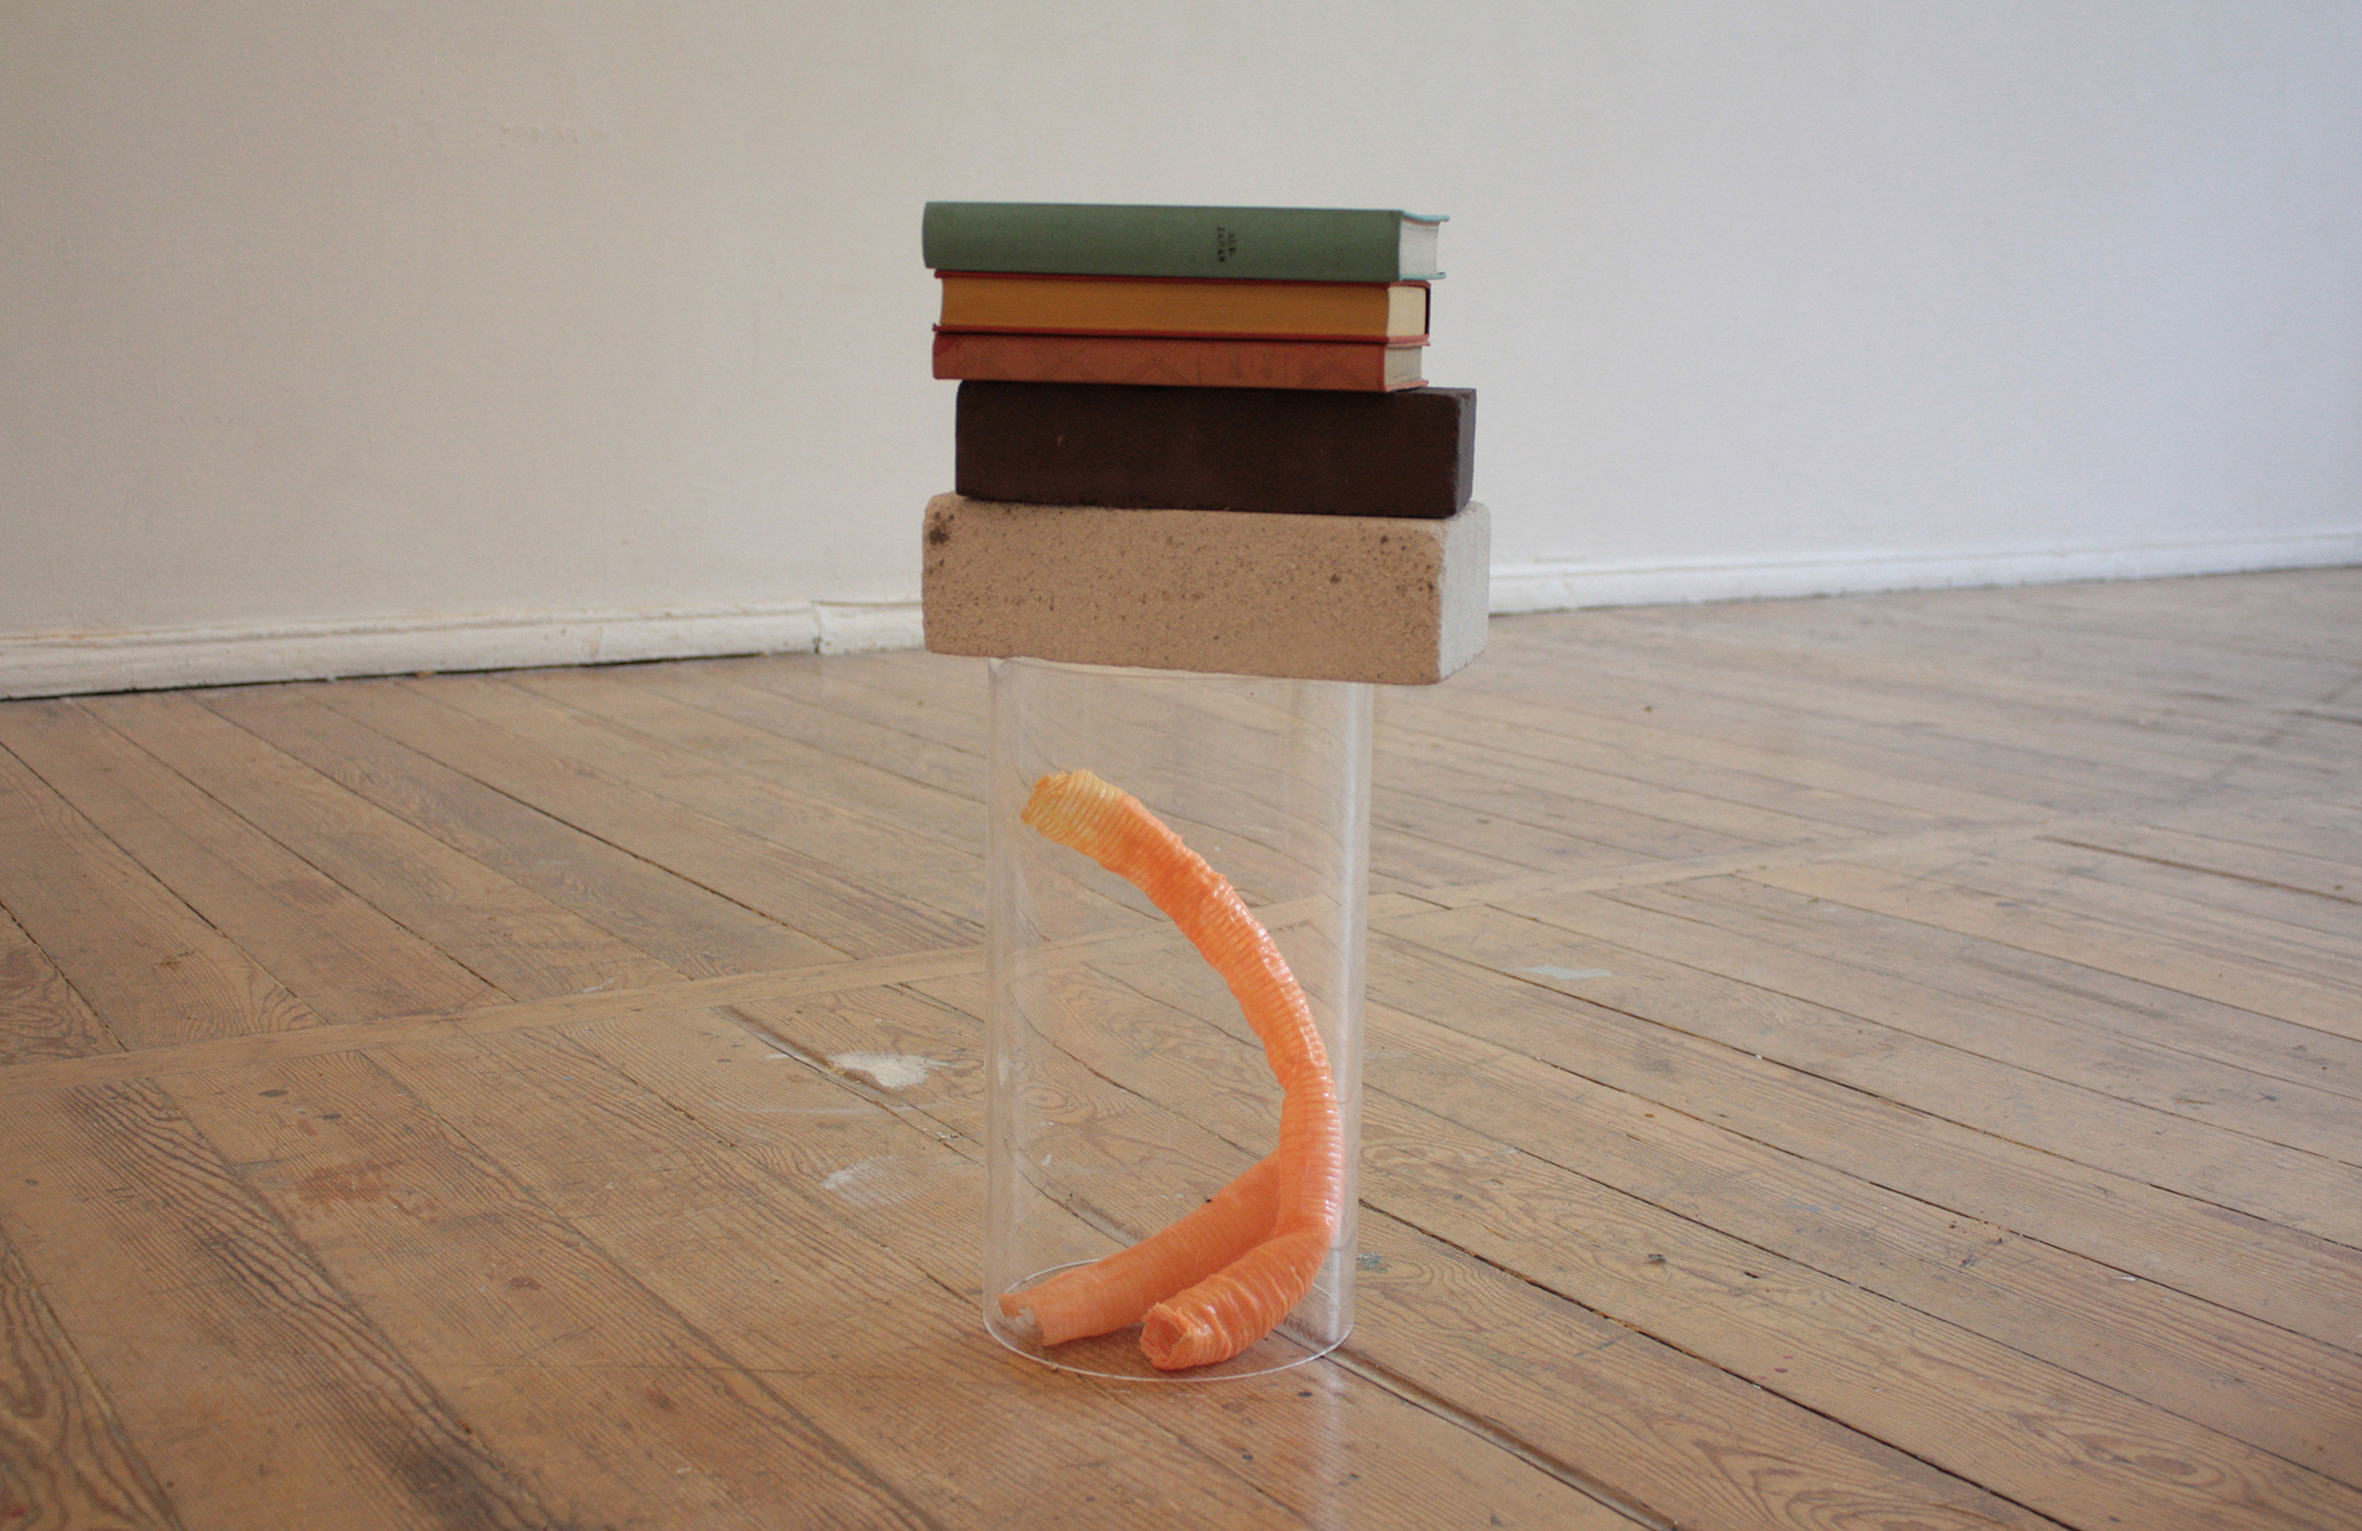 nontitle   2015  plastic,latex,books  30cm x 30cm x 40cm